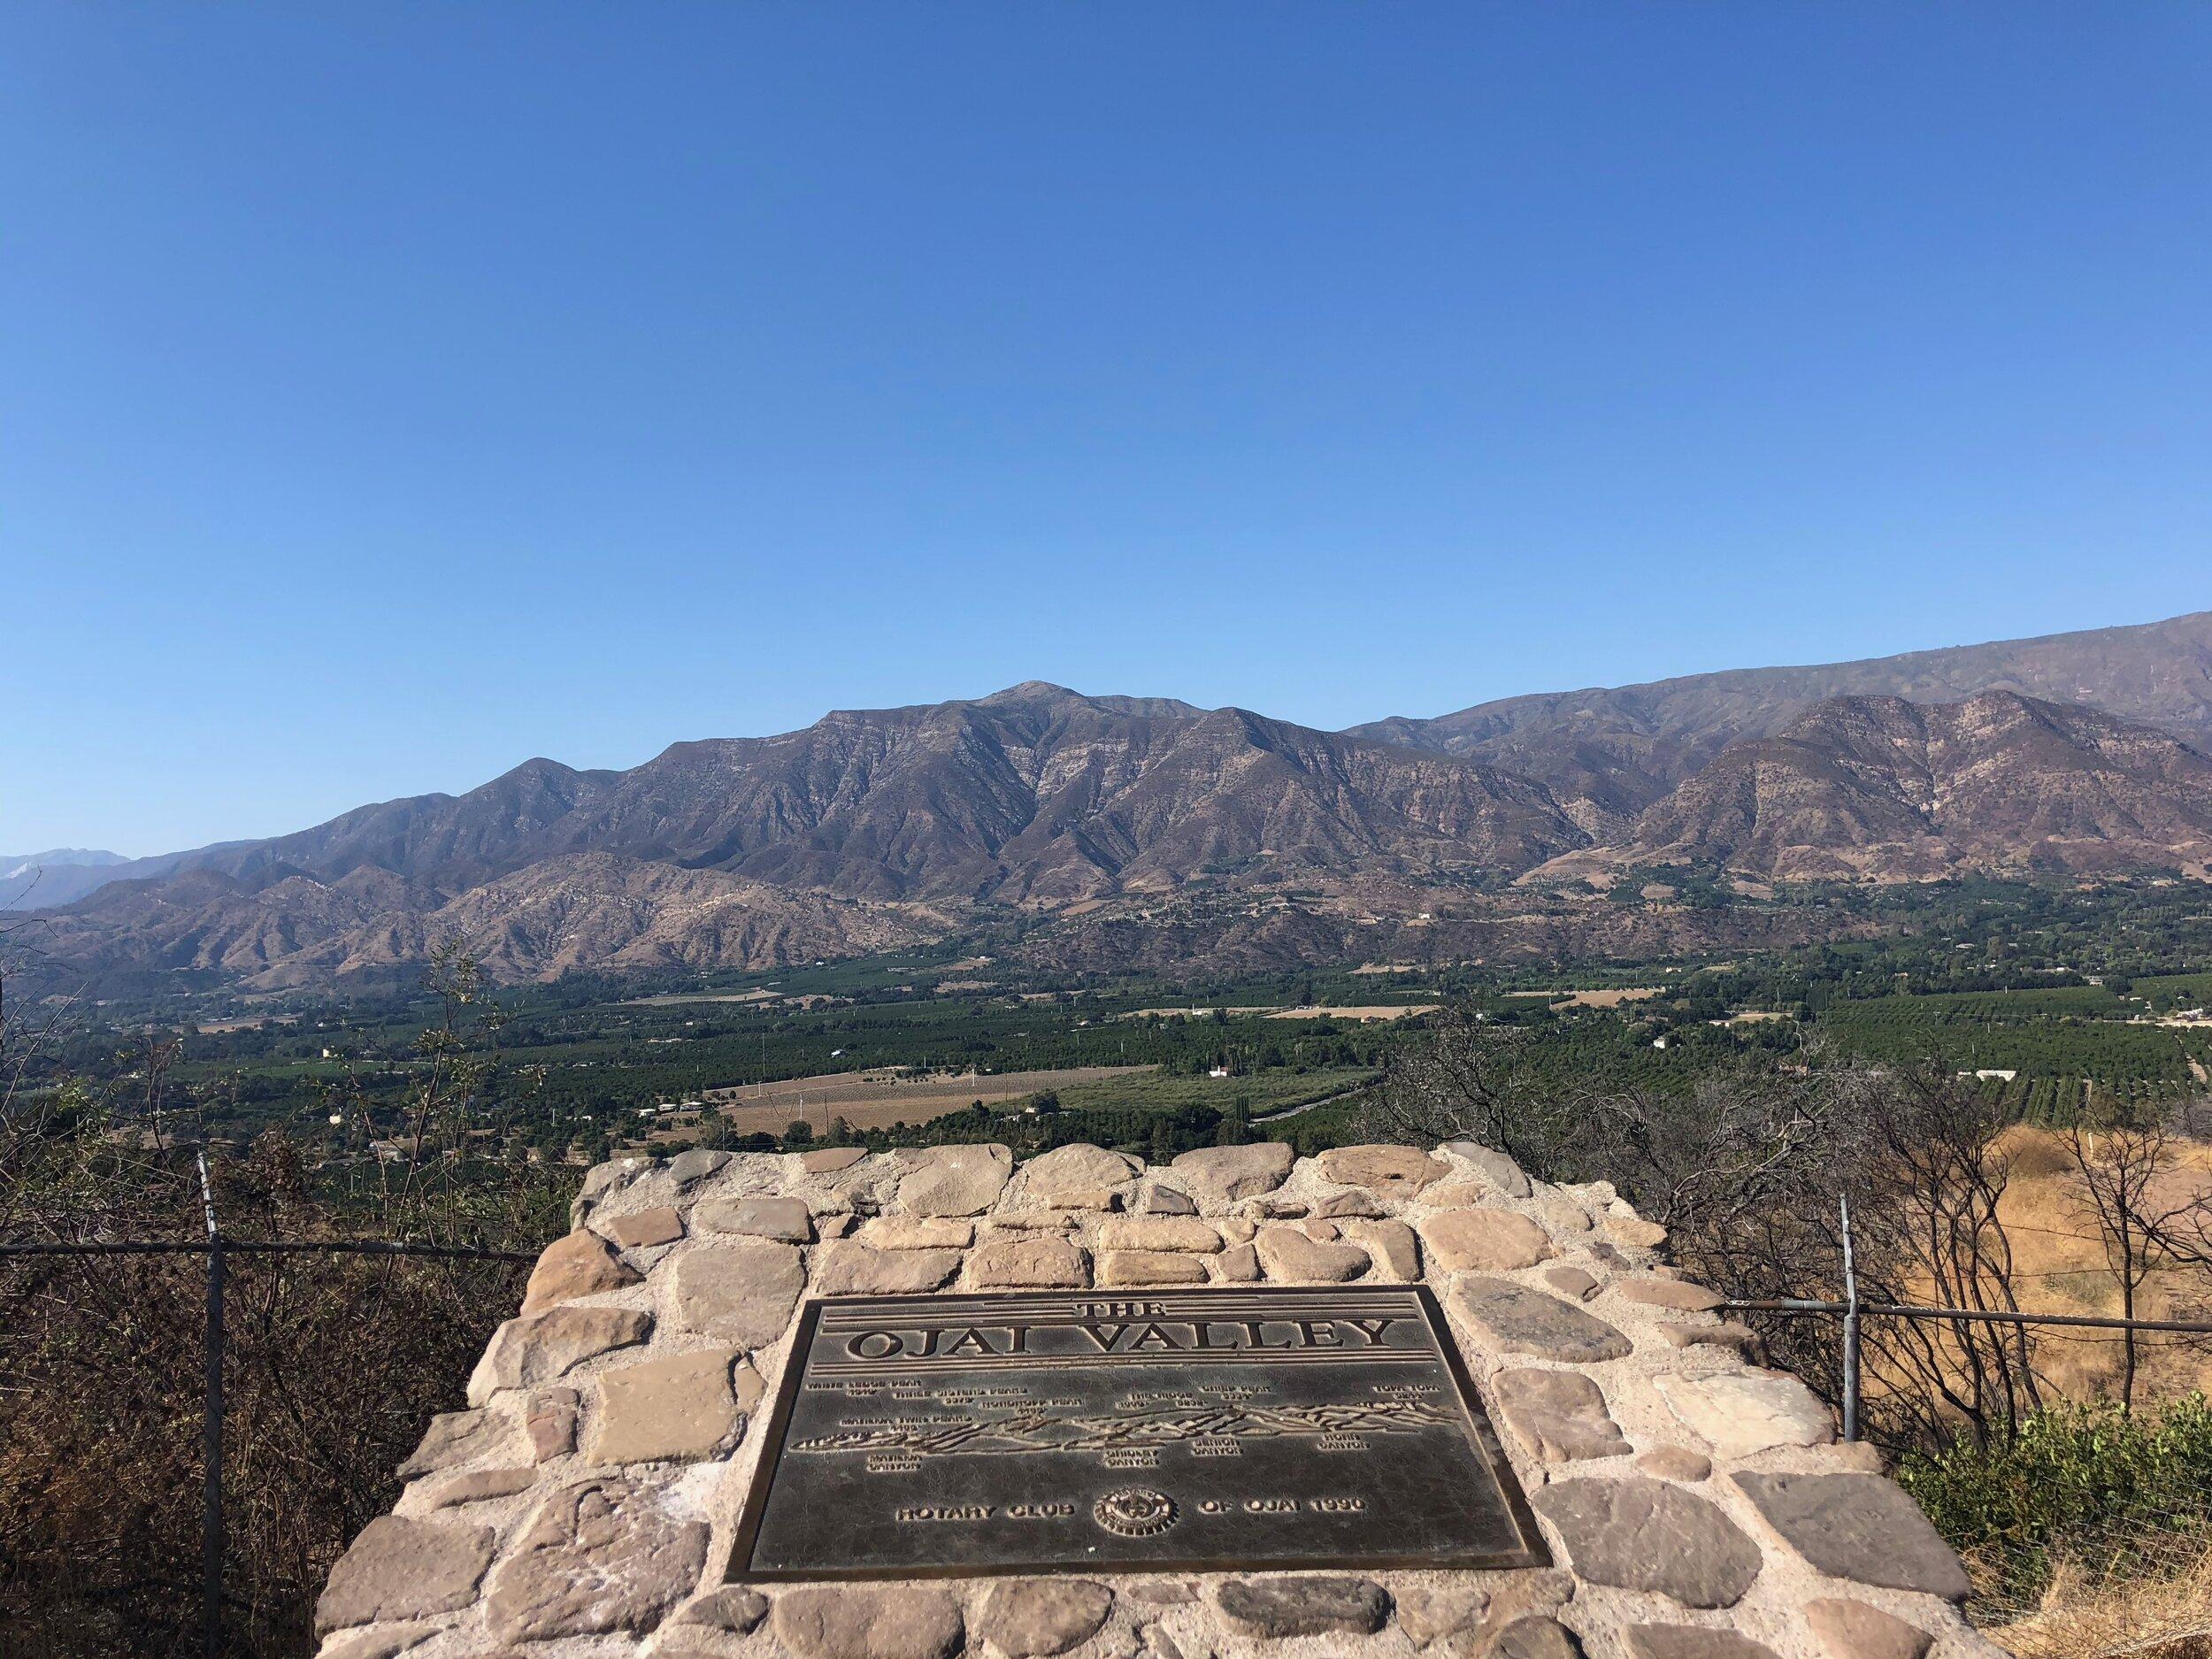 Ojai Valley CA